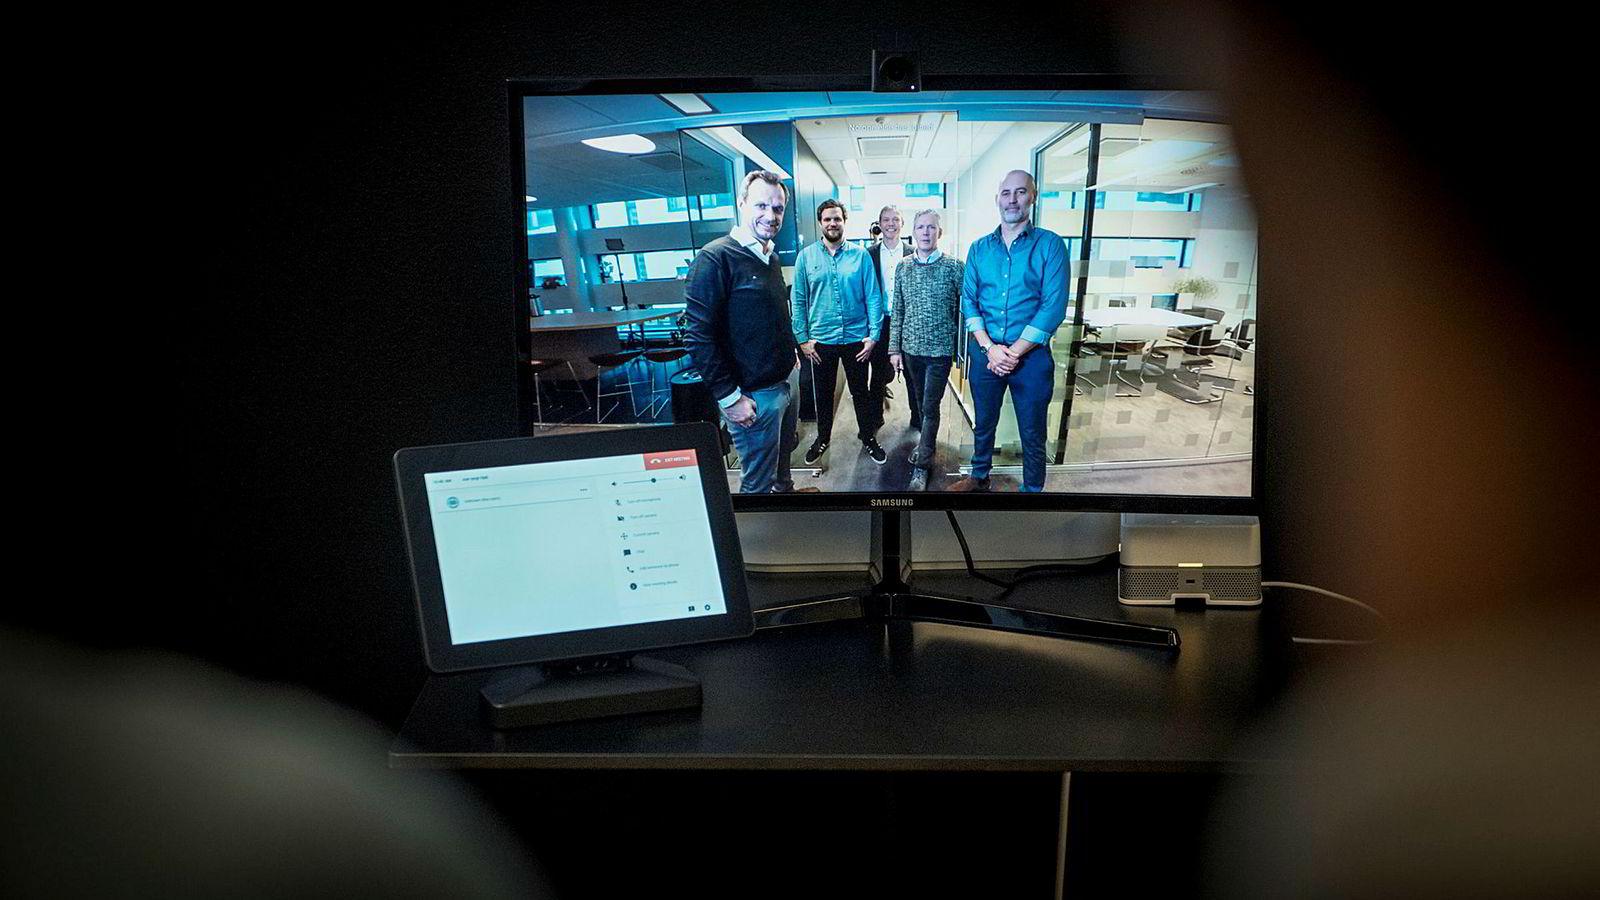 Huddlys kamera fanger en vinkel på 150 grader, og med kunstig intelligens skal de forstå hva som skjer og zoome inn på menneskene. Fra høyre: Administrerende direktør i Huddly, Jonas Rinde, Epigram-gründer Olav Djupvik, finansdirektør i Huddly Øystein Drageset, Epigram-gründer Bendik Kvamstad og utviklingssjef i Huddly Vegard Hammer.